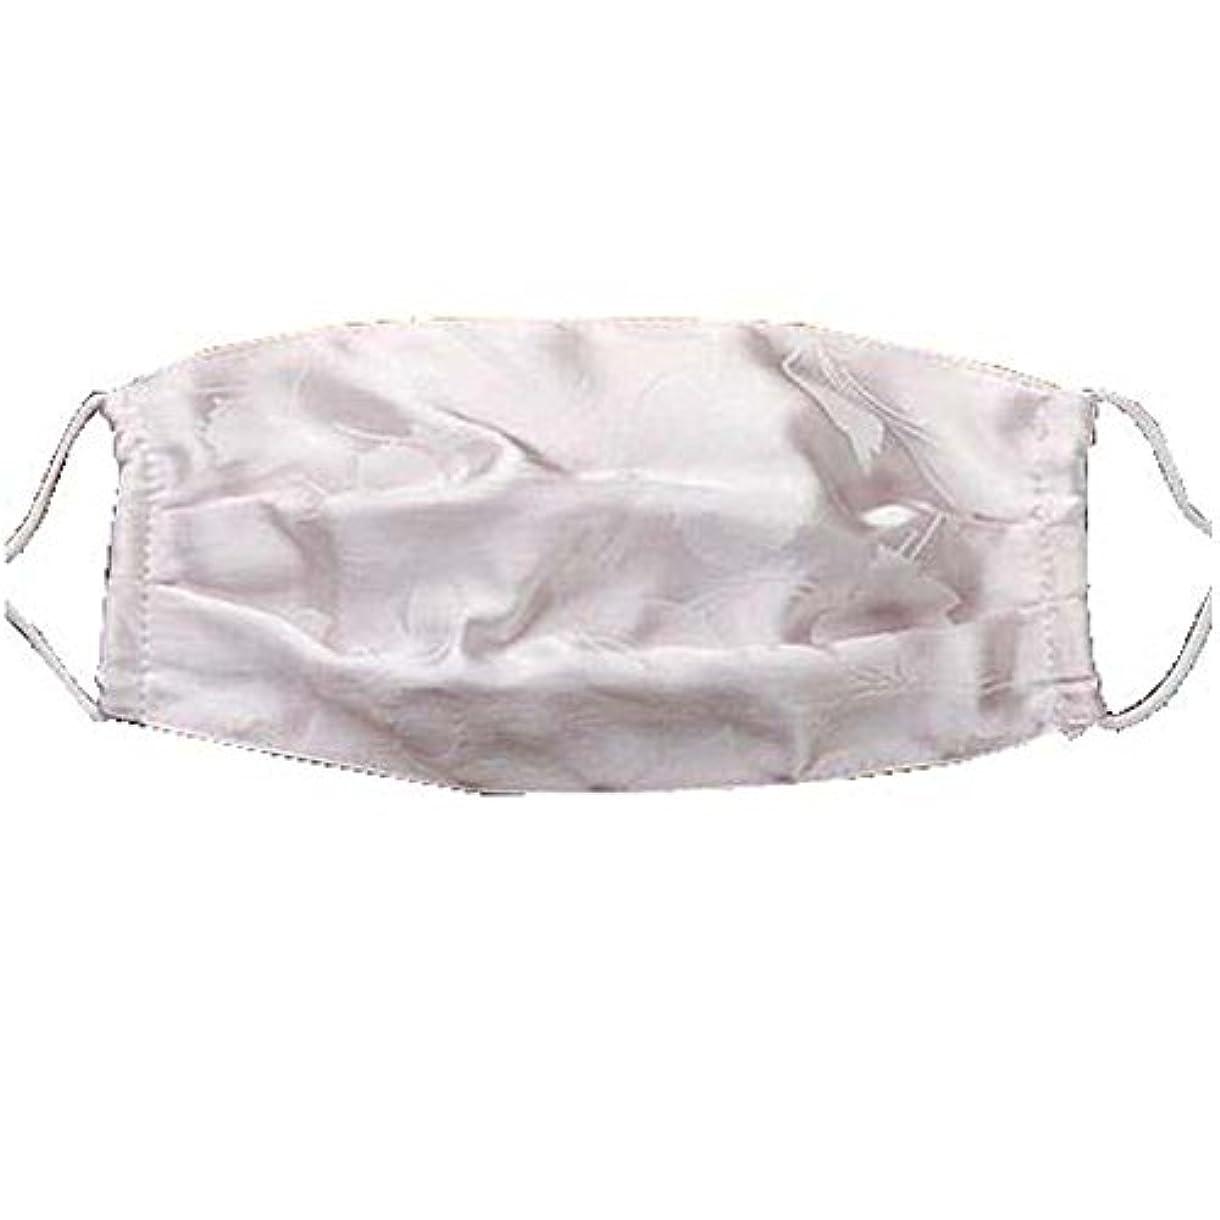 何十人もうぬぼれたブースト口腔マスクダストマスク抗汚染活性炭フィルターインサートシルクマスク